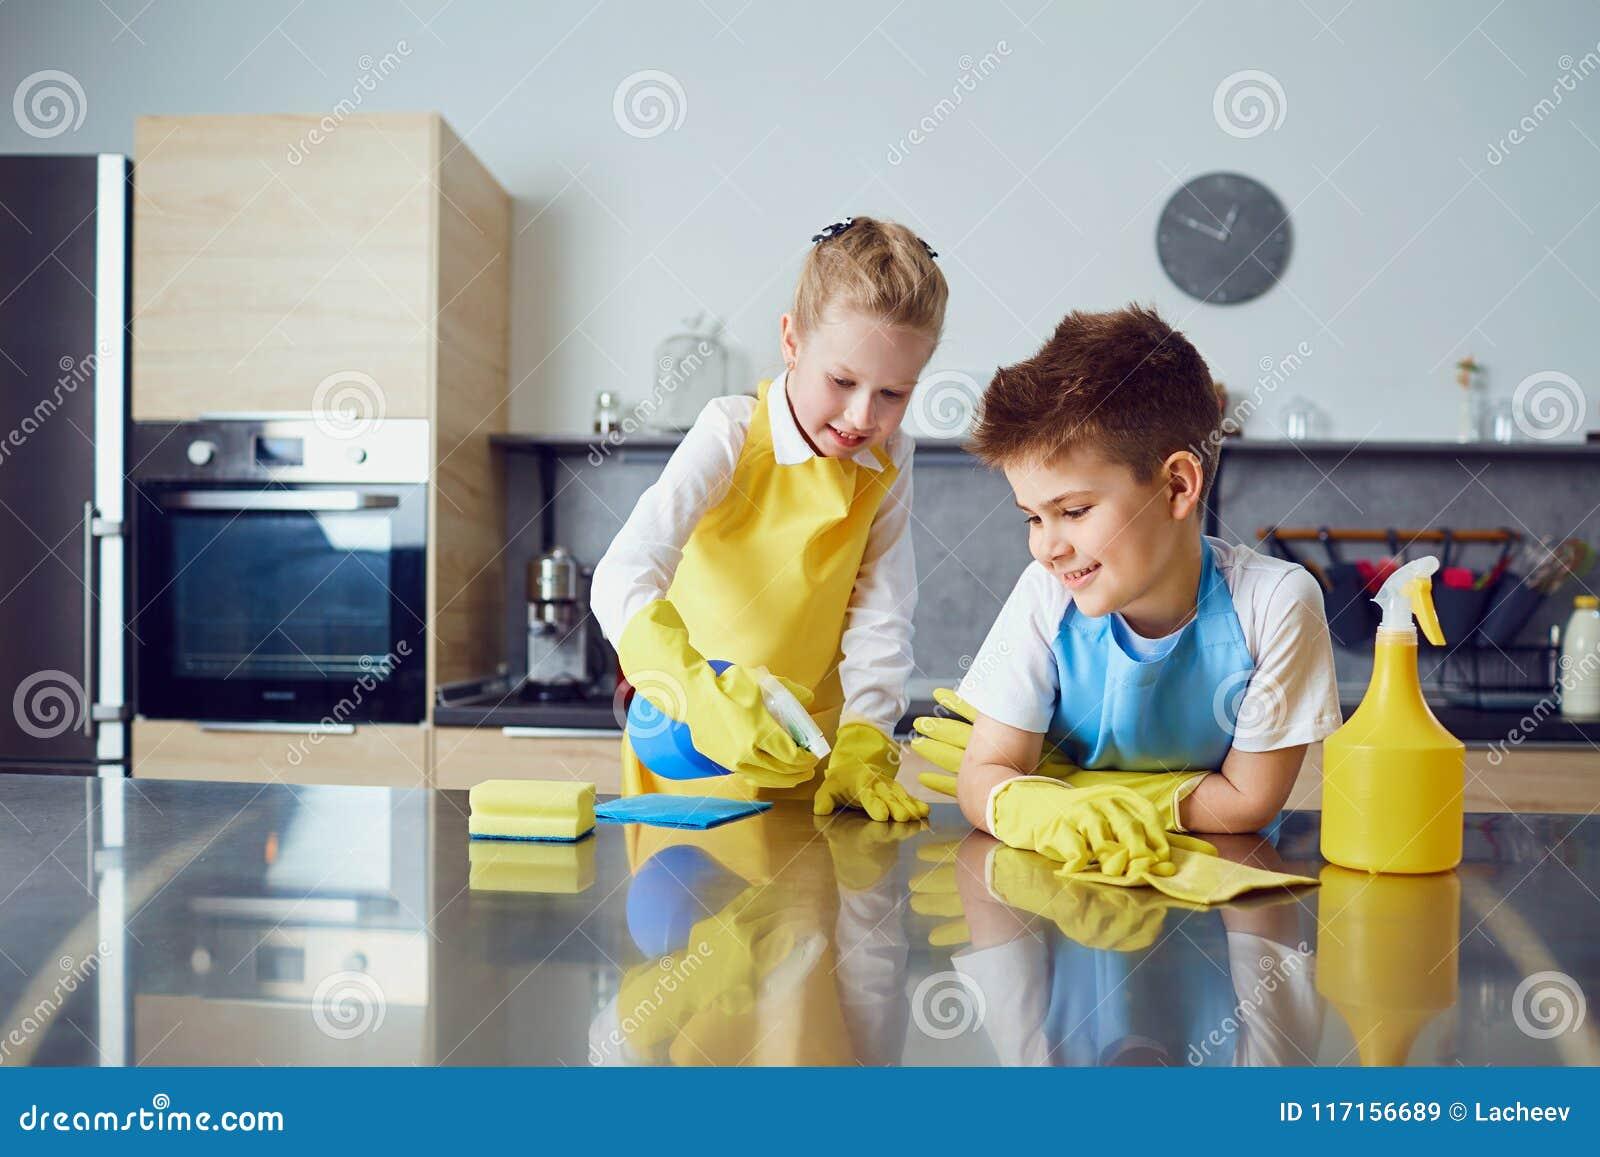 Lächelnde Kinder tun die Reinigung in der Küche